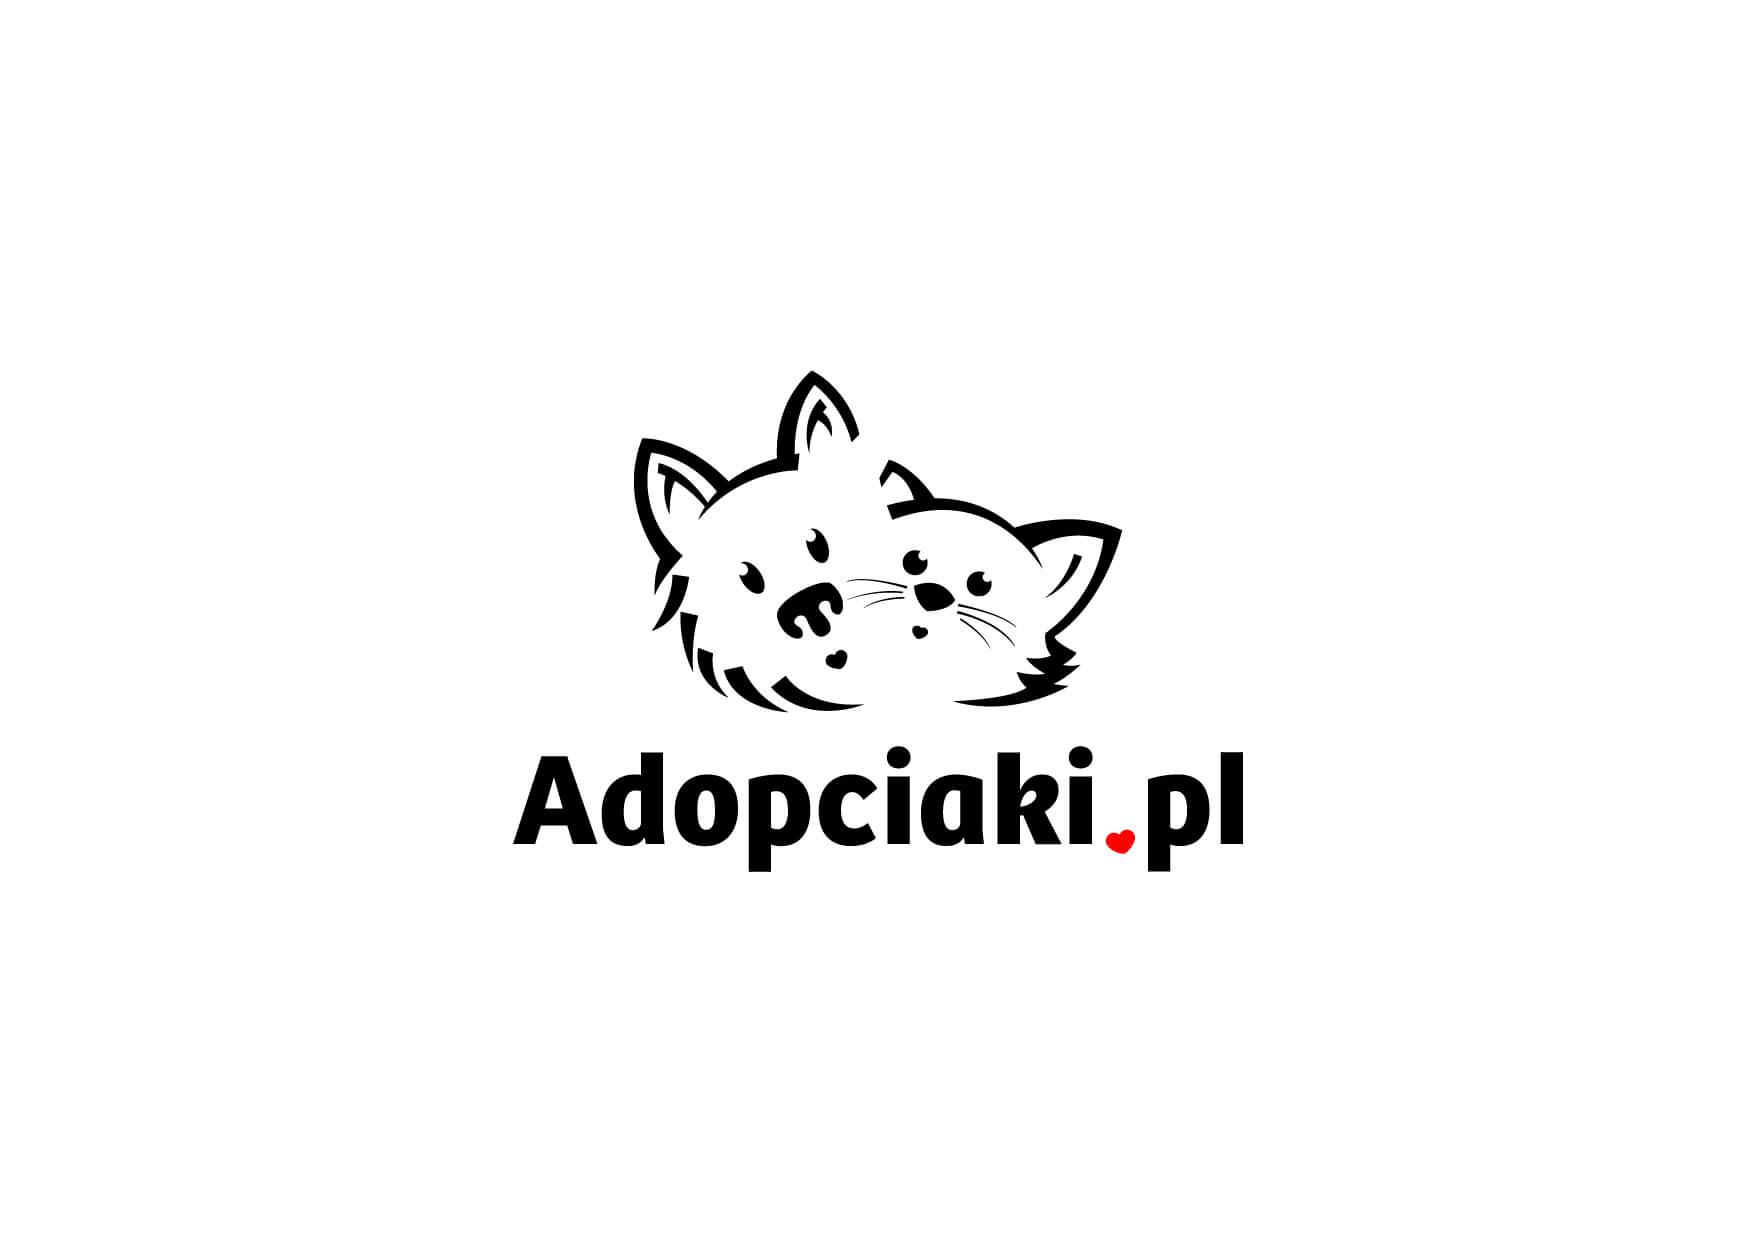 Logo Adopciaki.pl – Piaseczno